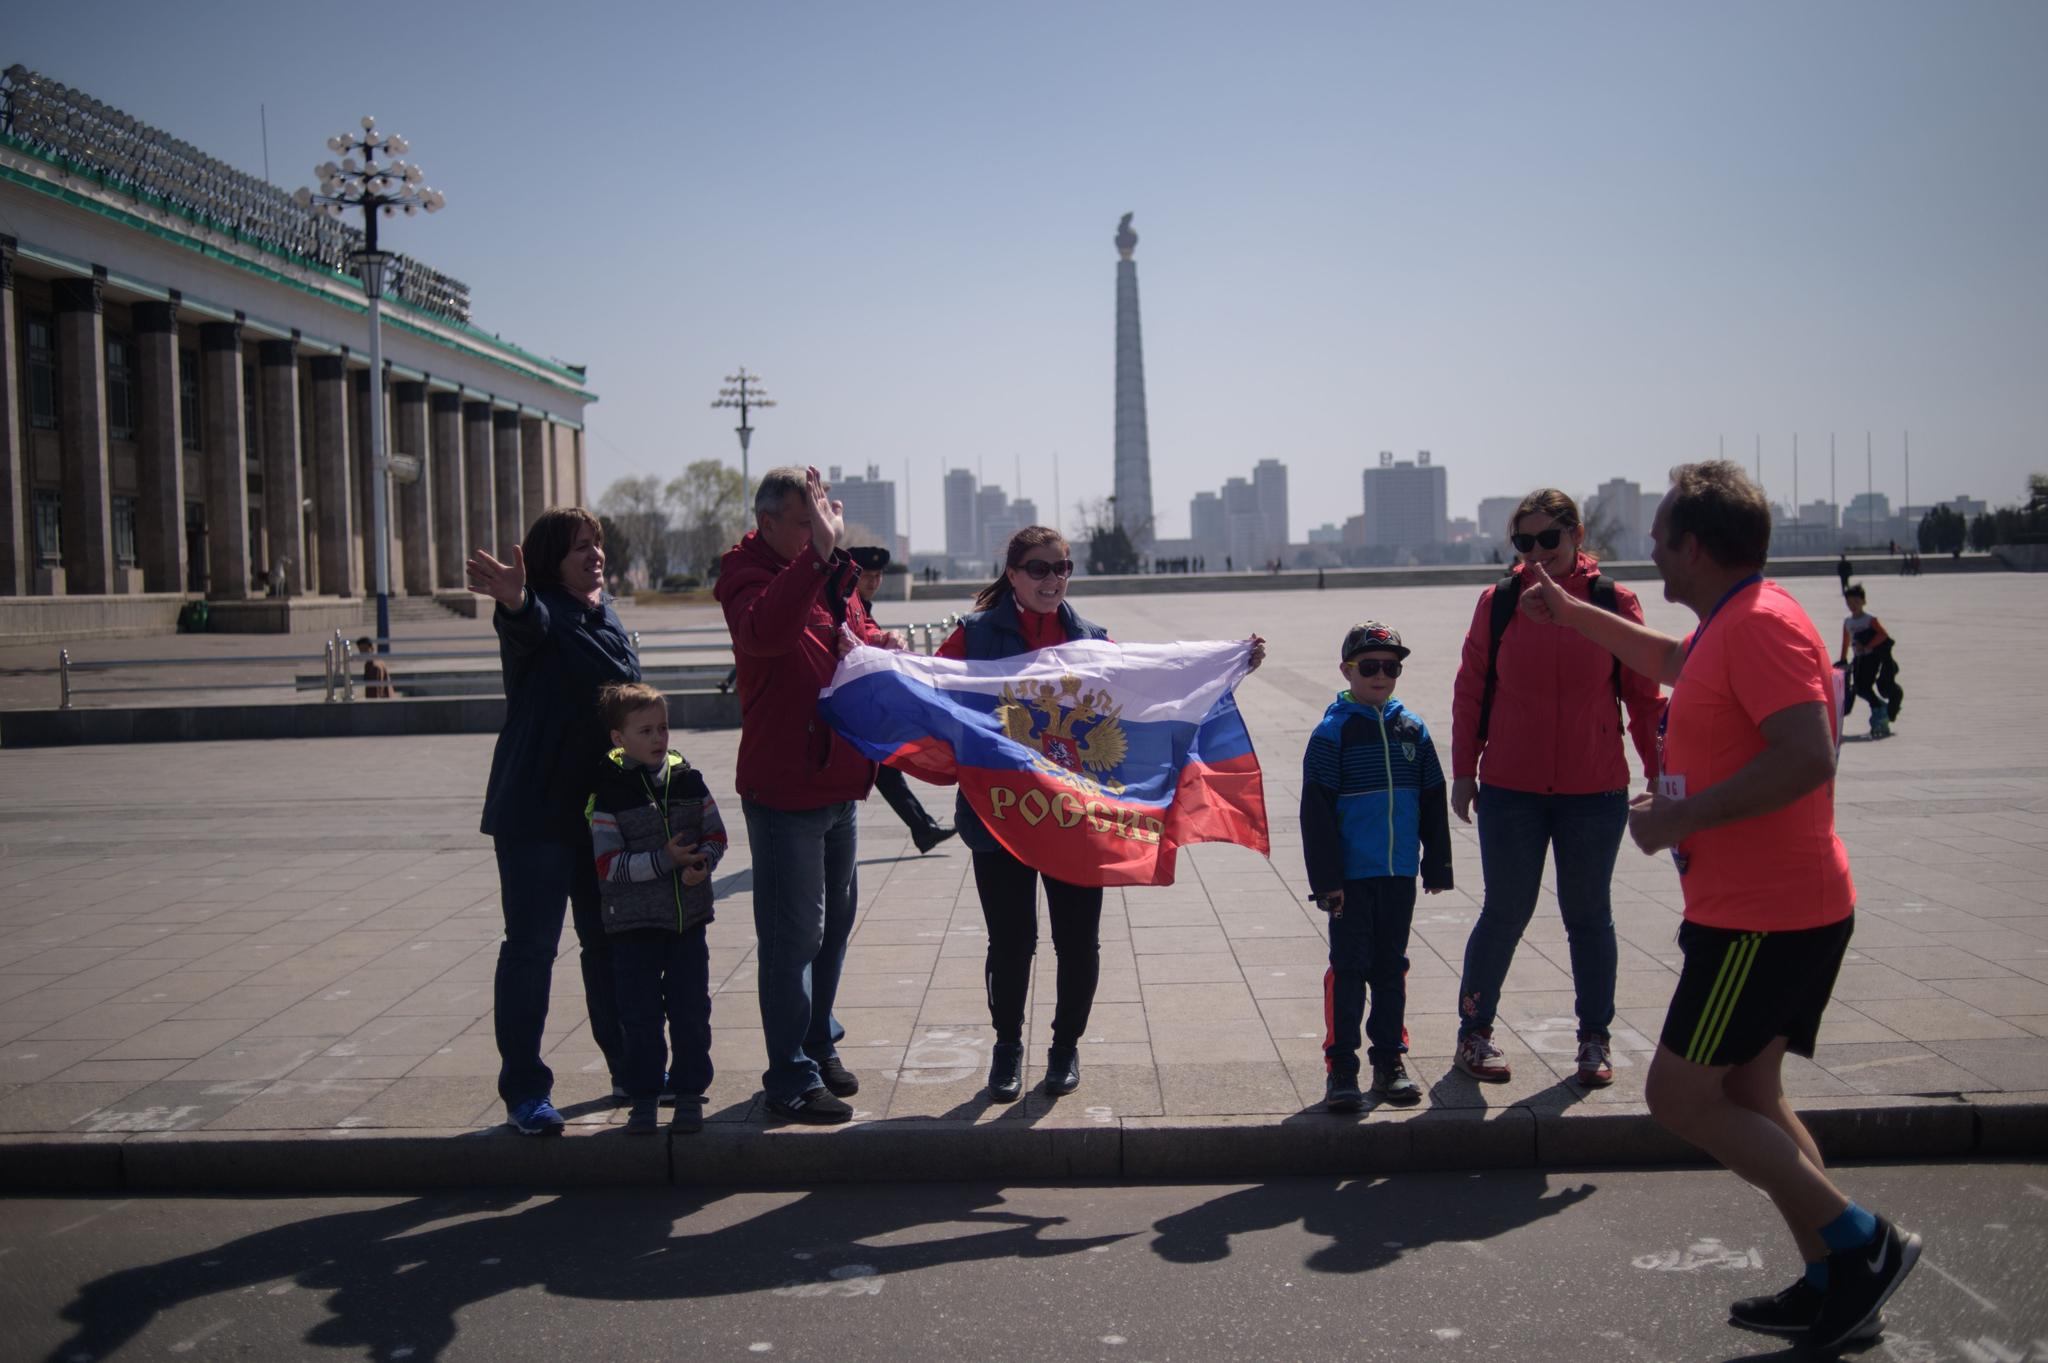 러시아 국기를 든 관광객들이 달리는 선수를 응원하고 있다. [AFP=연합뉴스]